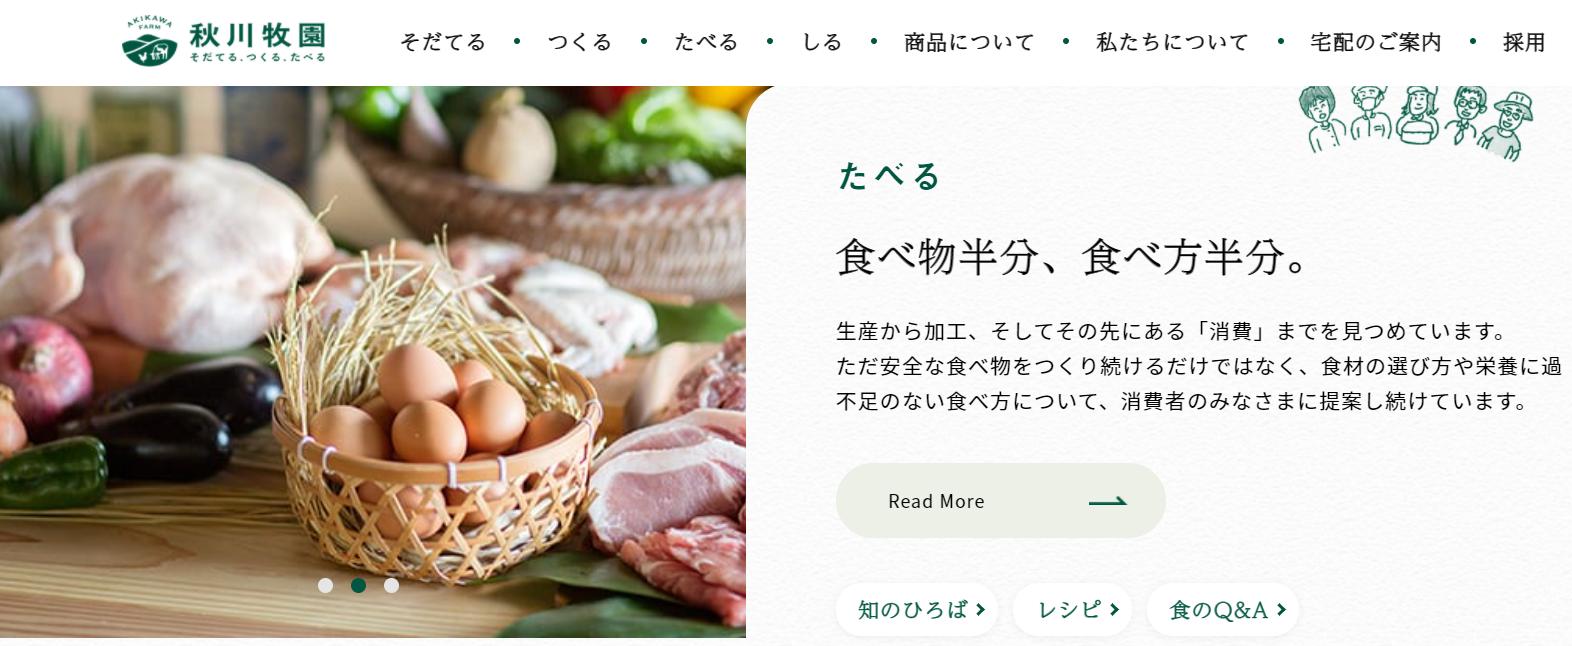 キールキット_安い_秋川牧園